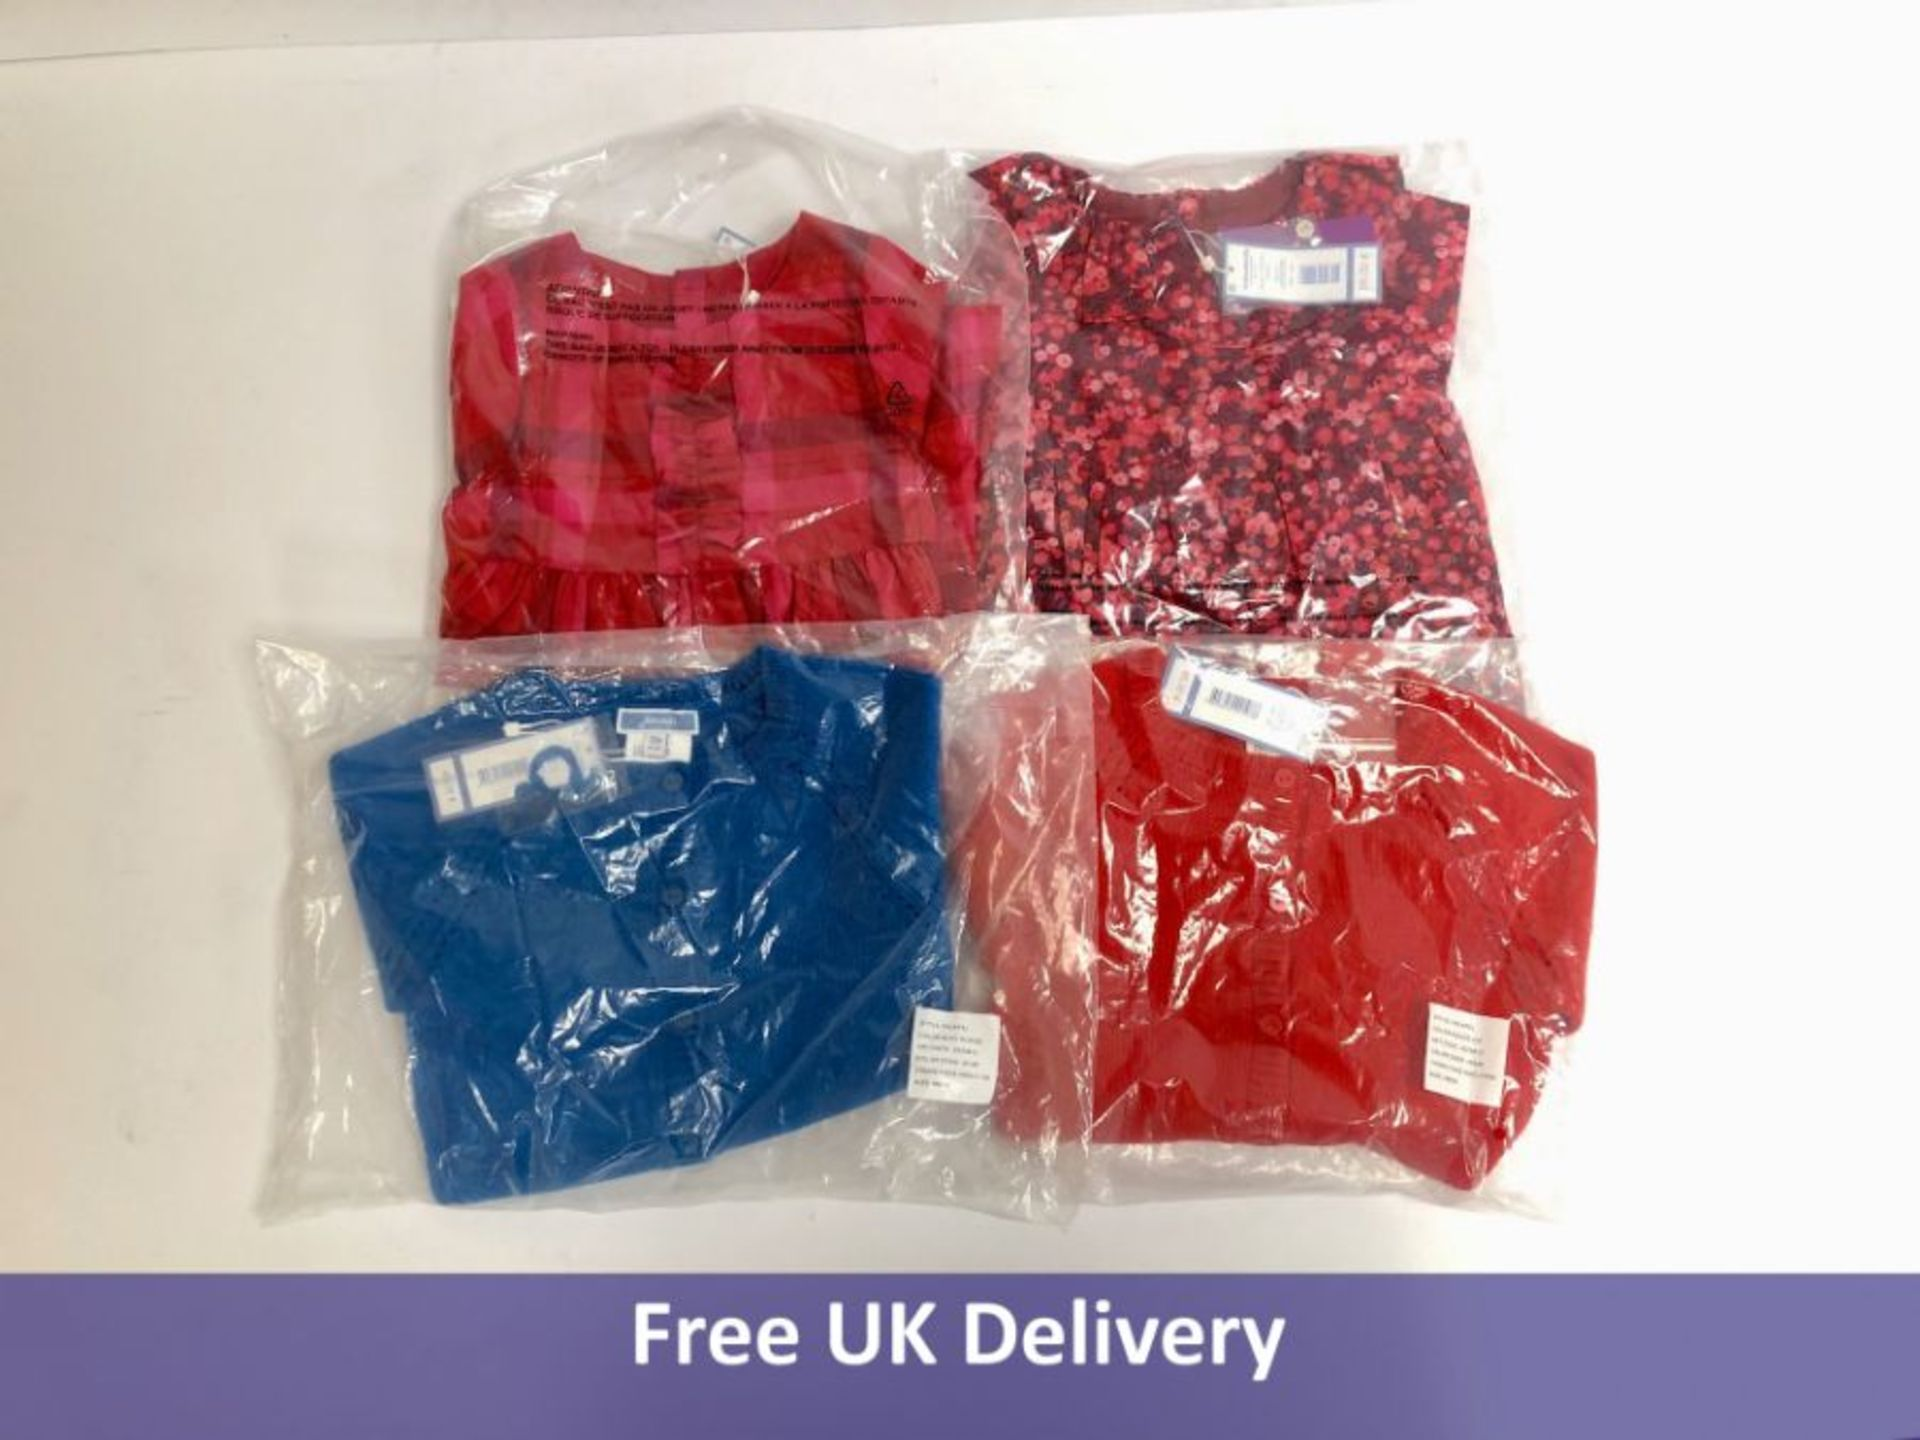 Four items of Jacadi Paris Children's Clothing